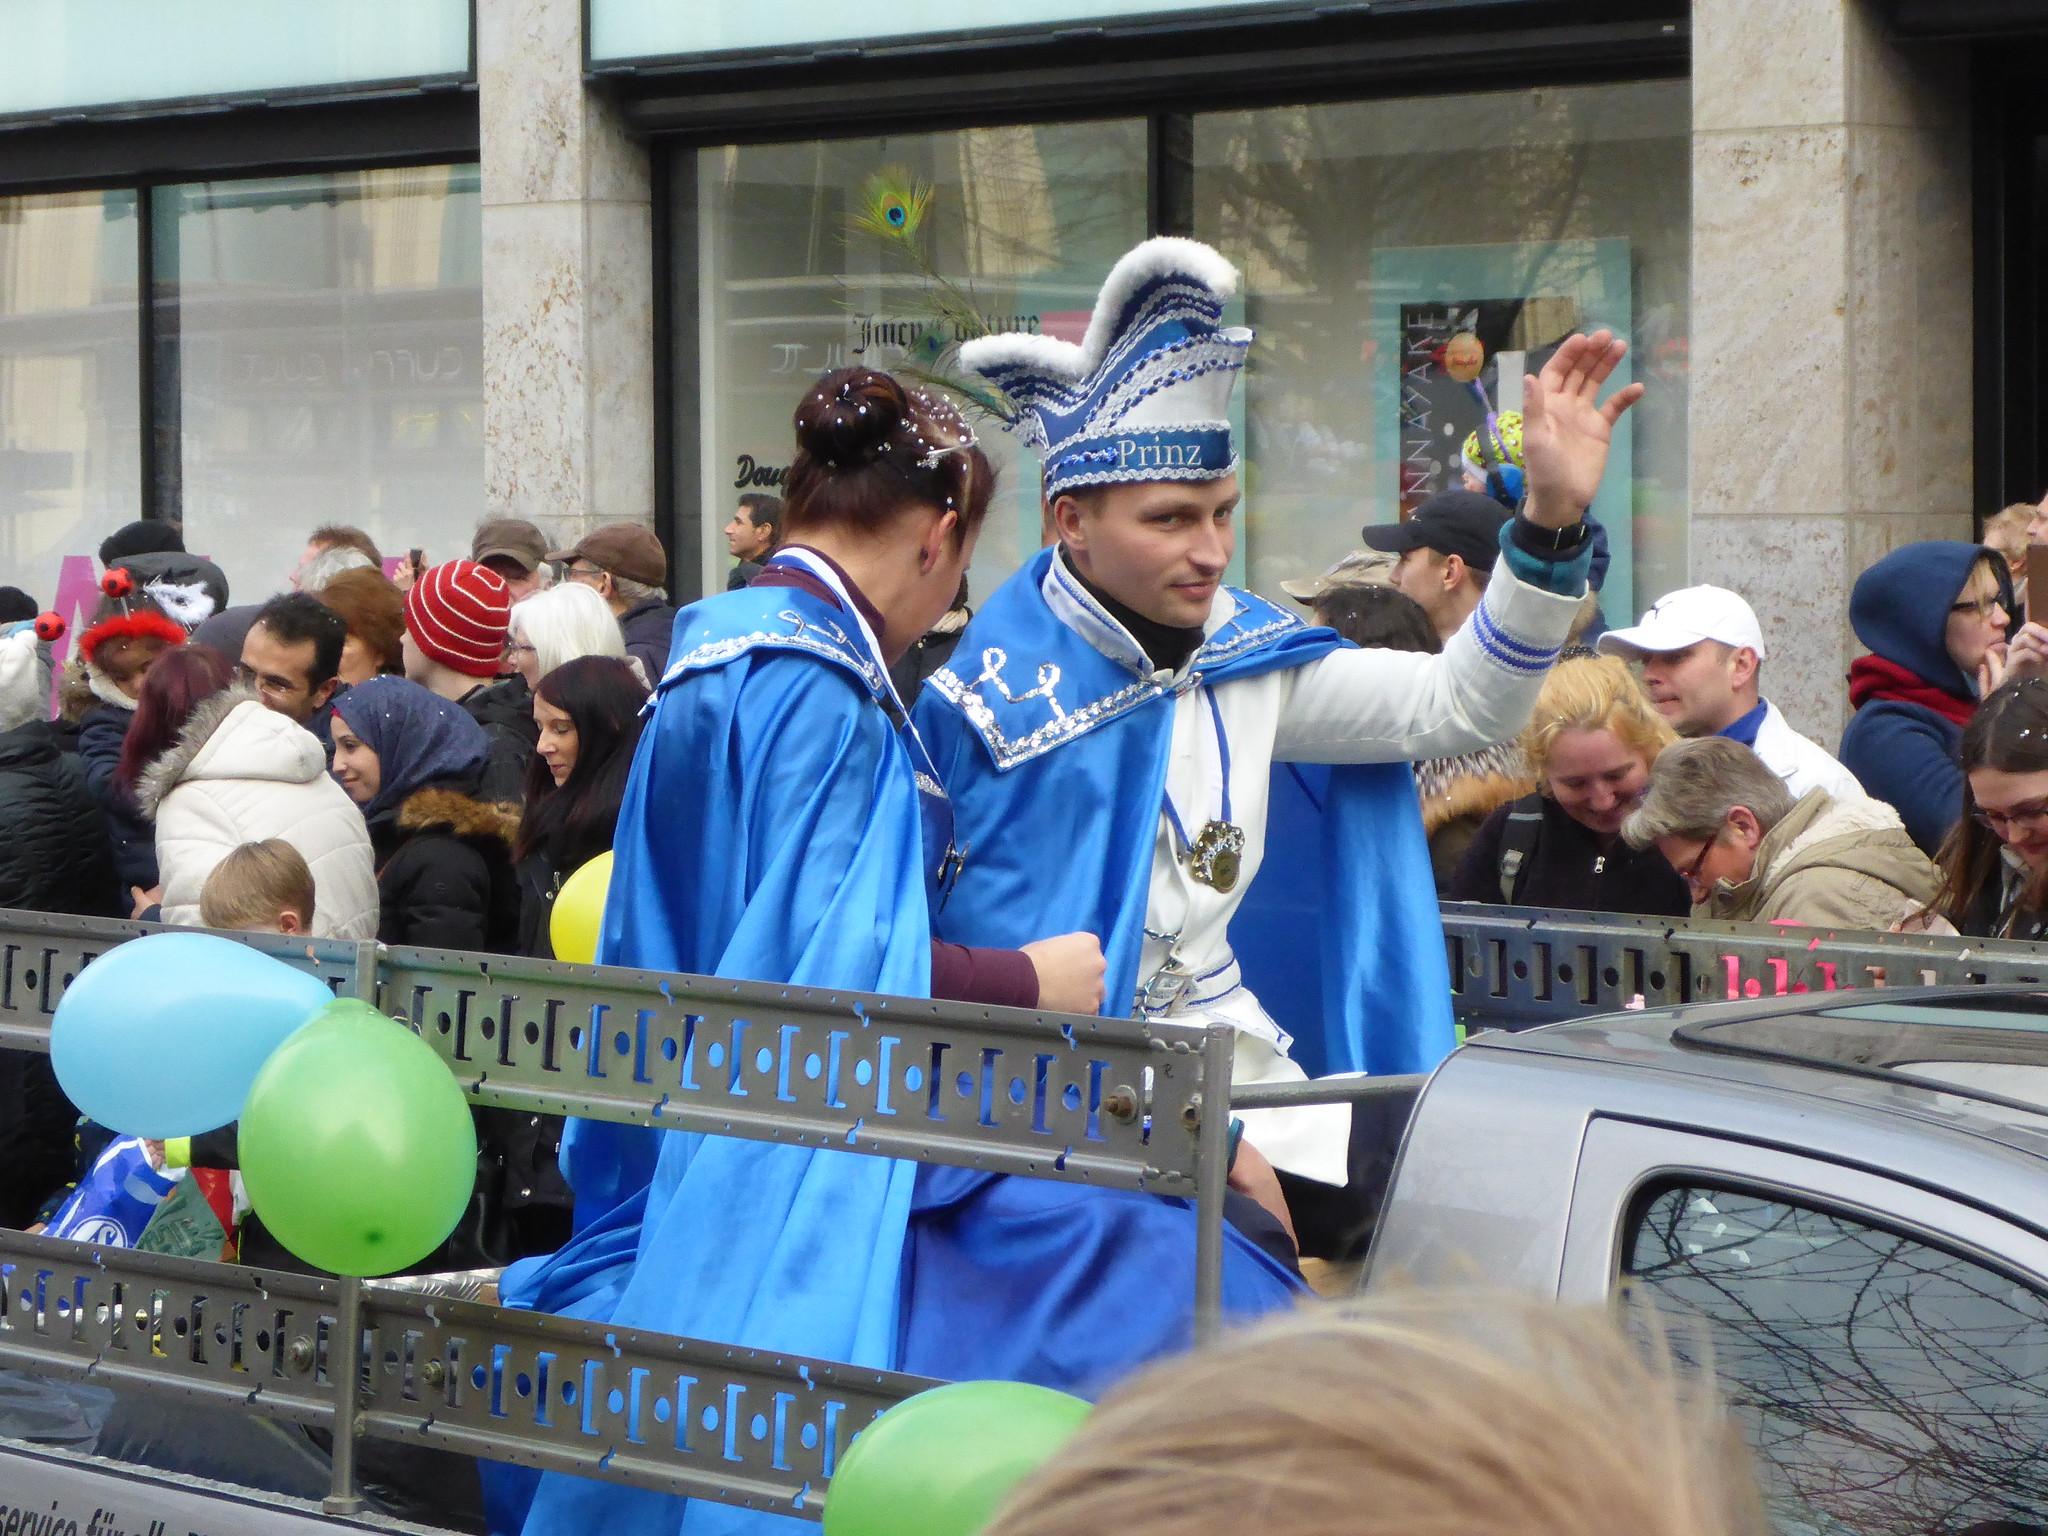 Karnevalsumzug Leipzig 2017 062